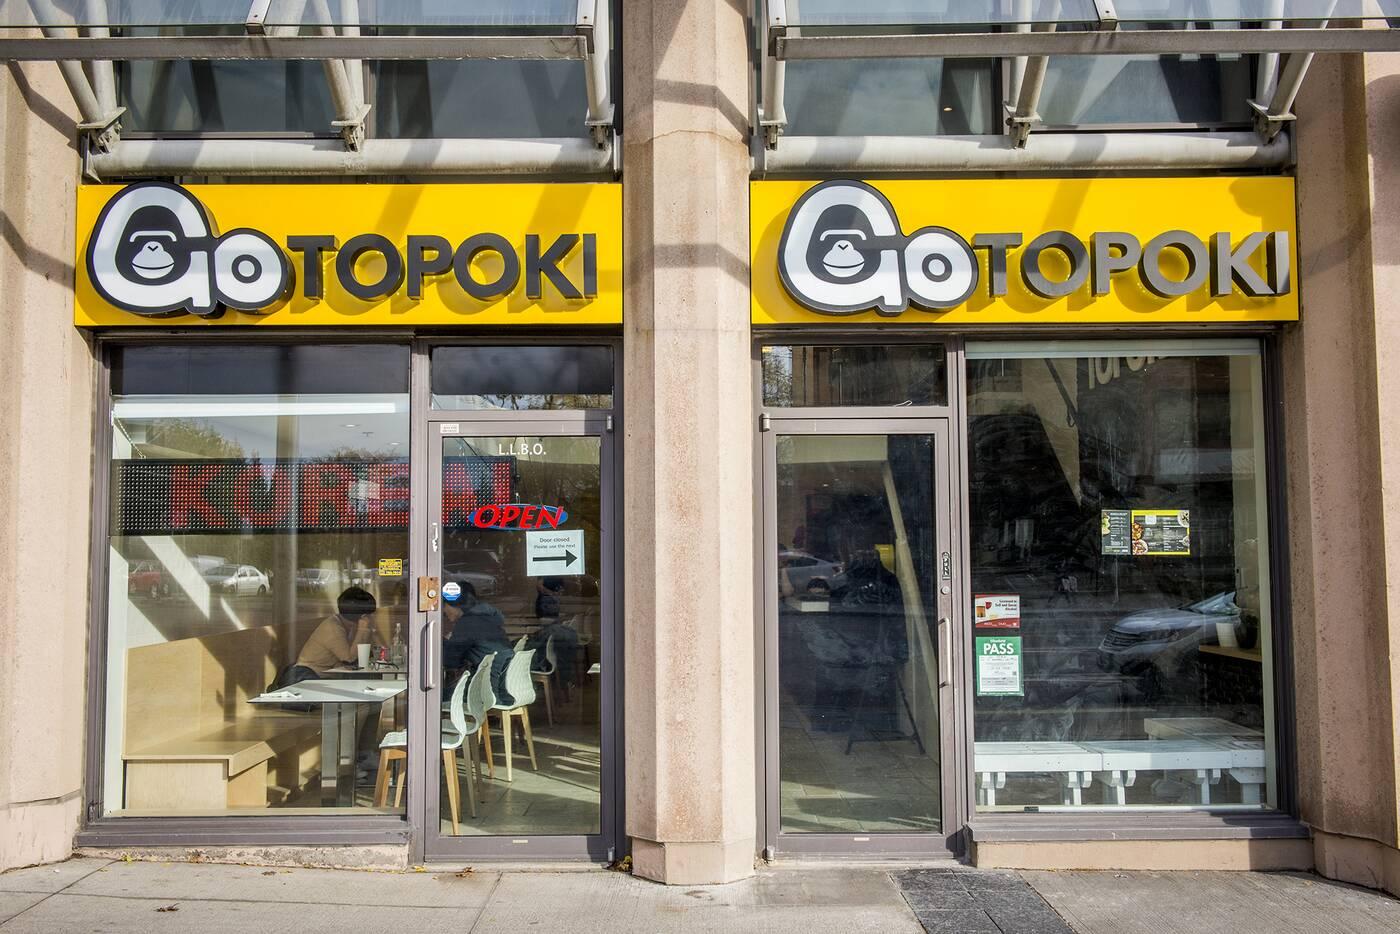 Go Topoki Toronto